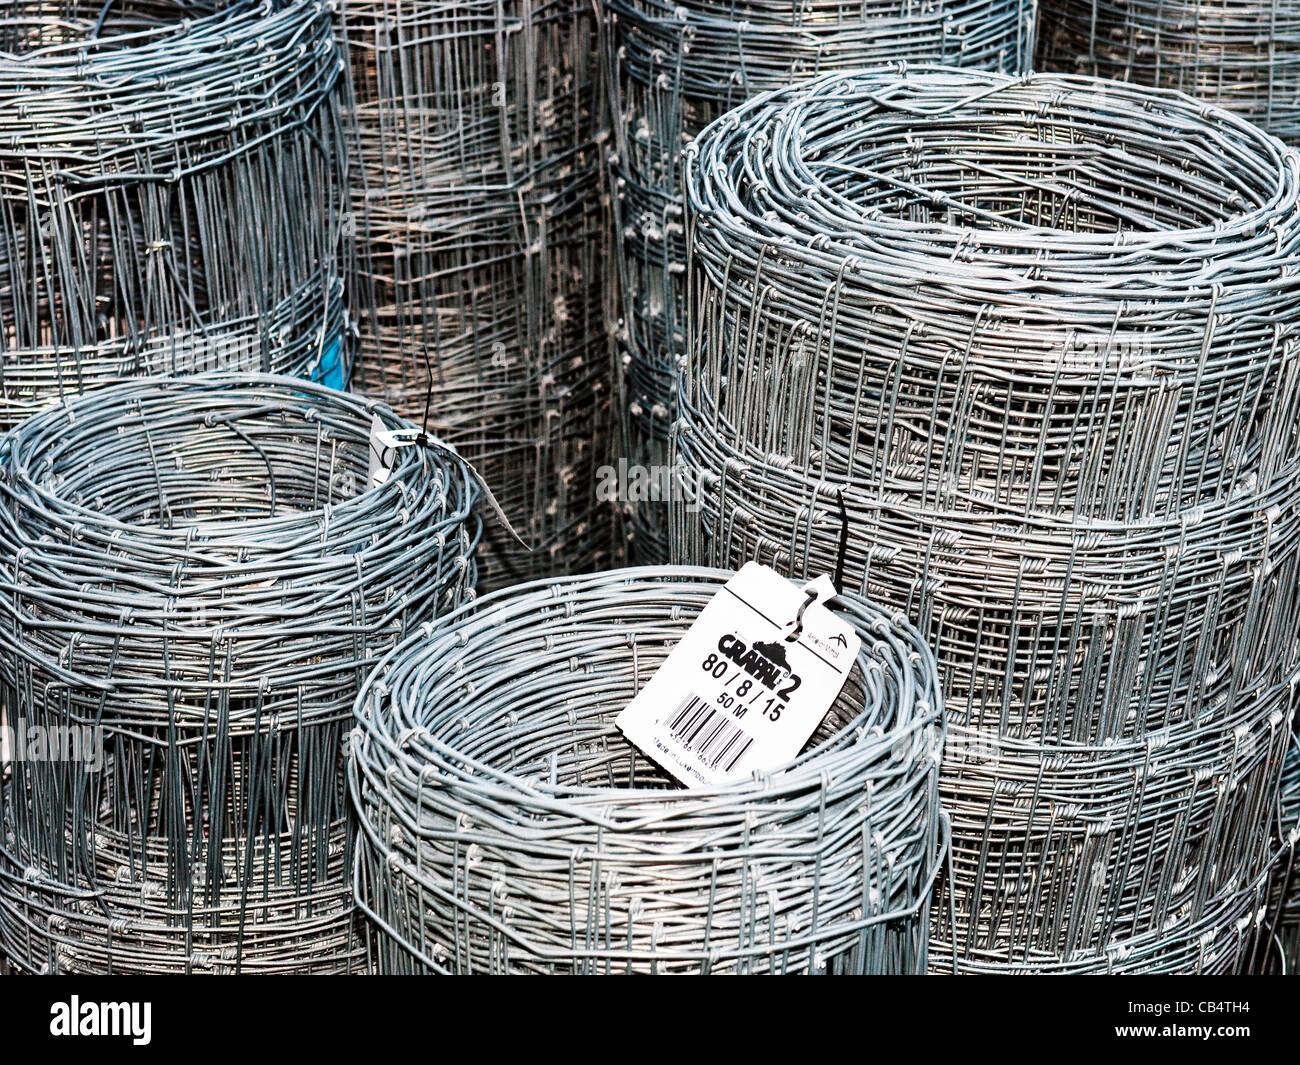 Rolls of galvanized wire garden netting at garden center / builder\'s ...